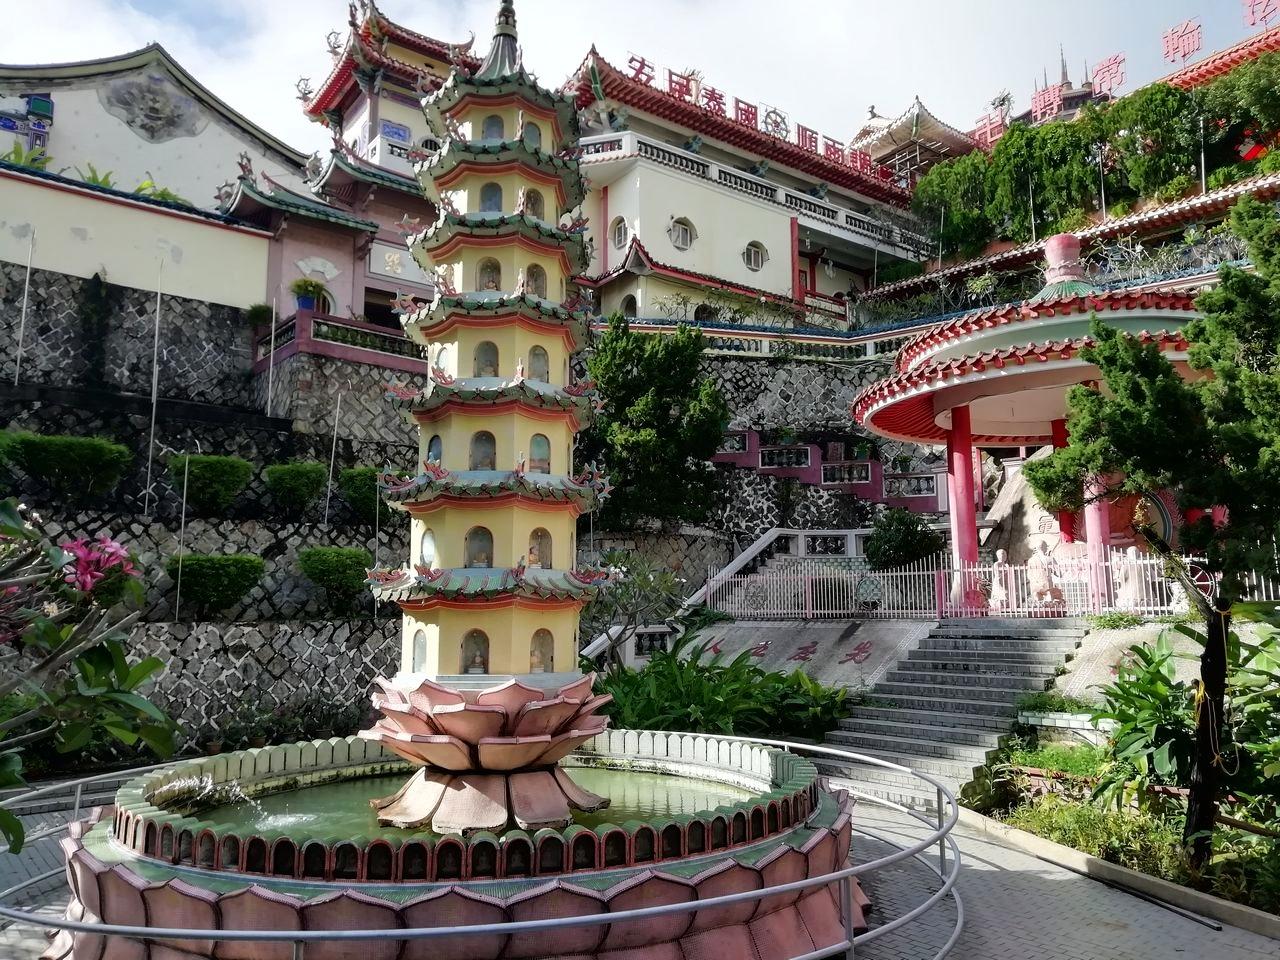 Uno de los imprescindibles en Penang es el templo de Kek Lok Si y su famosa pagoda.